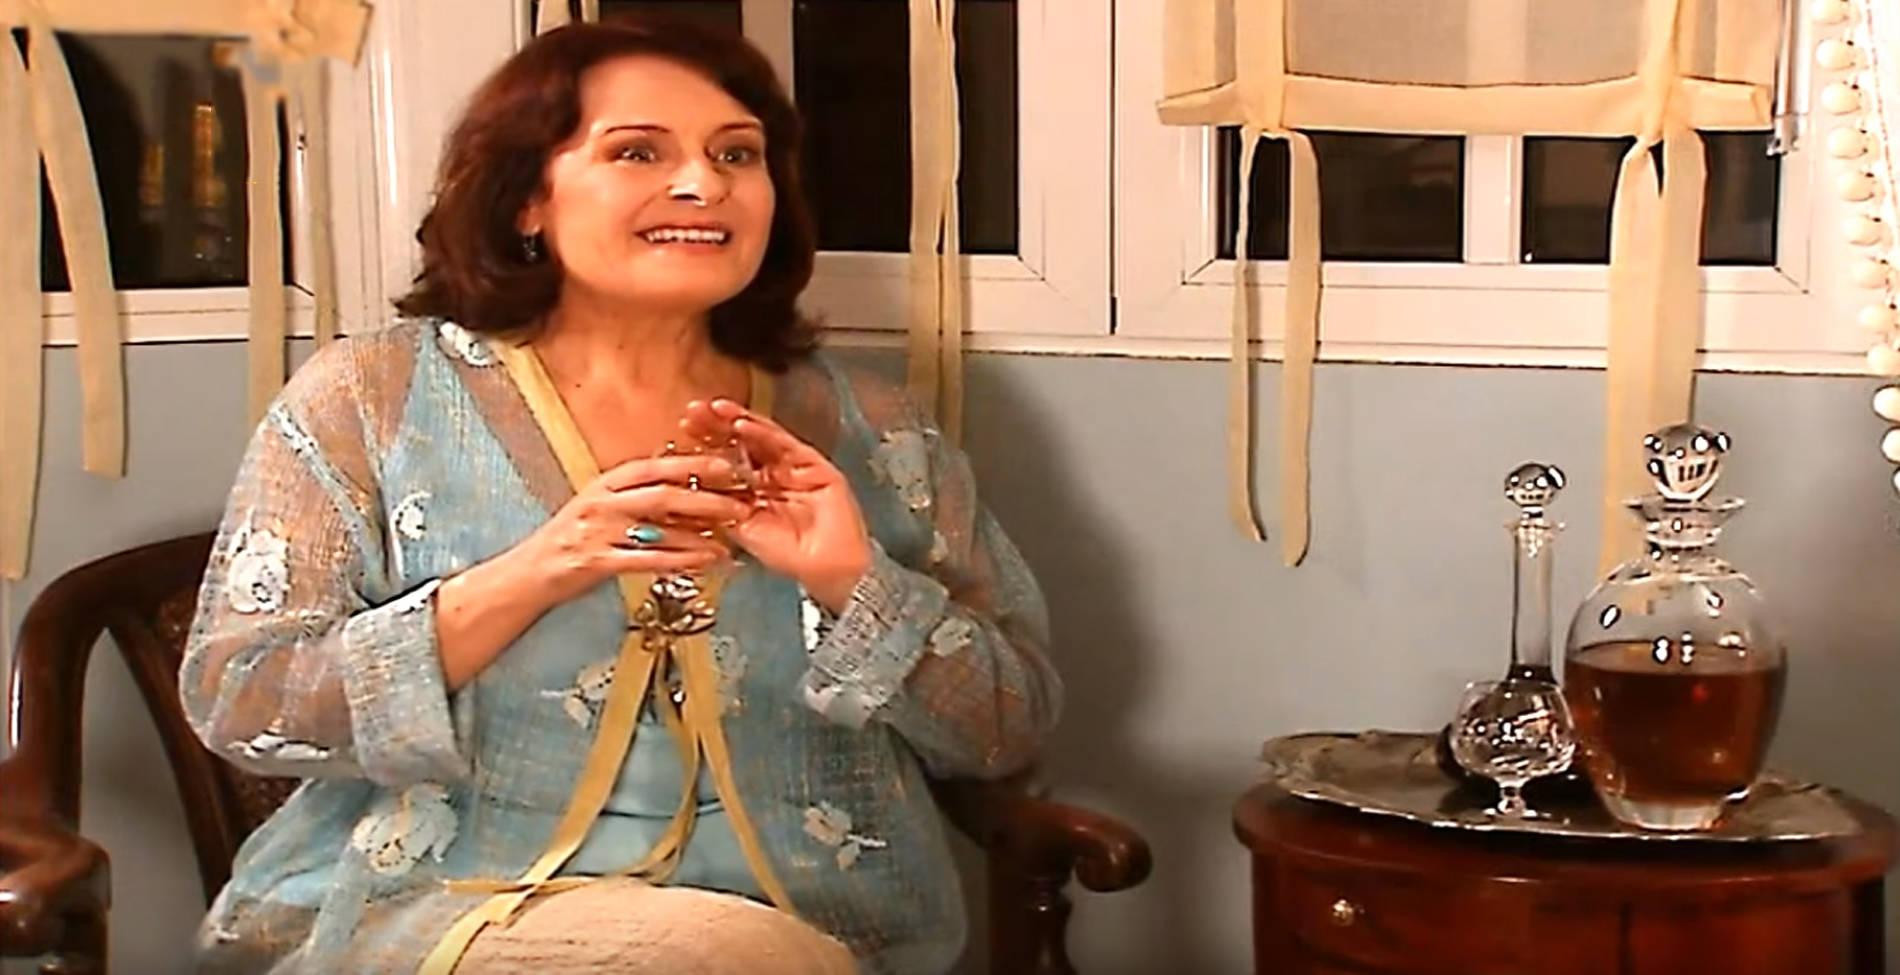 Η ηθοποιός από την Κρήτη που βρέθηκε νεκρή στο διαμέρισμα της